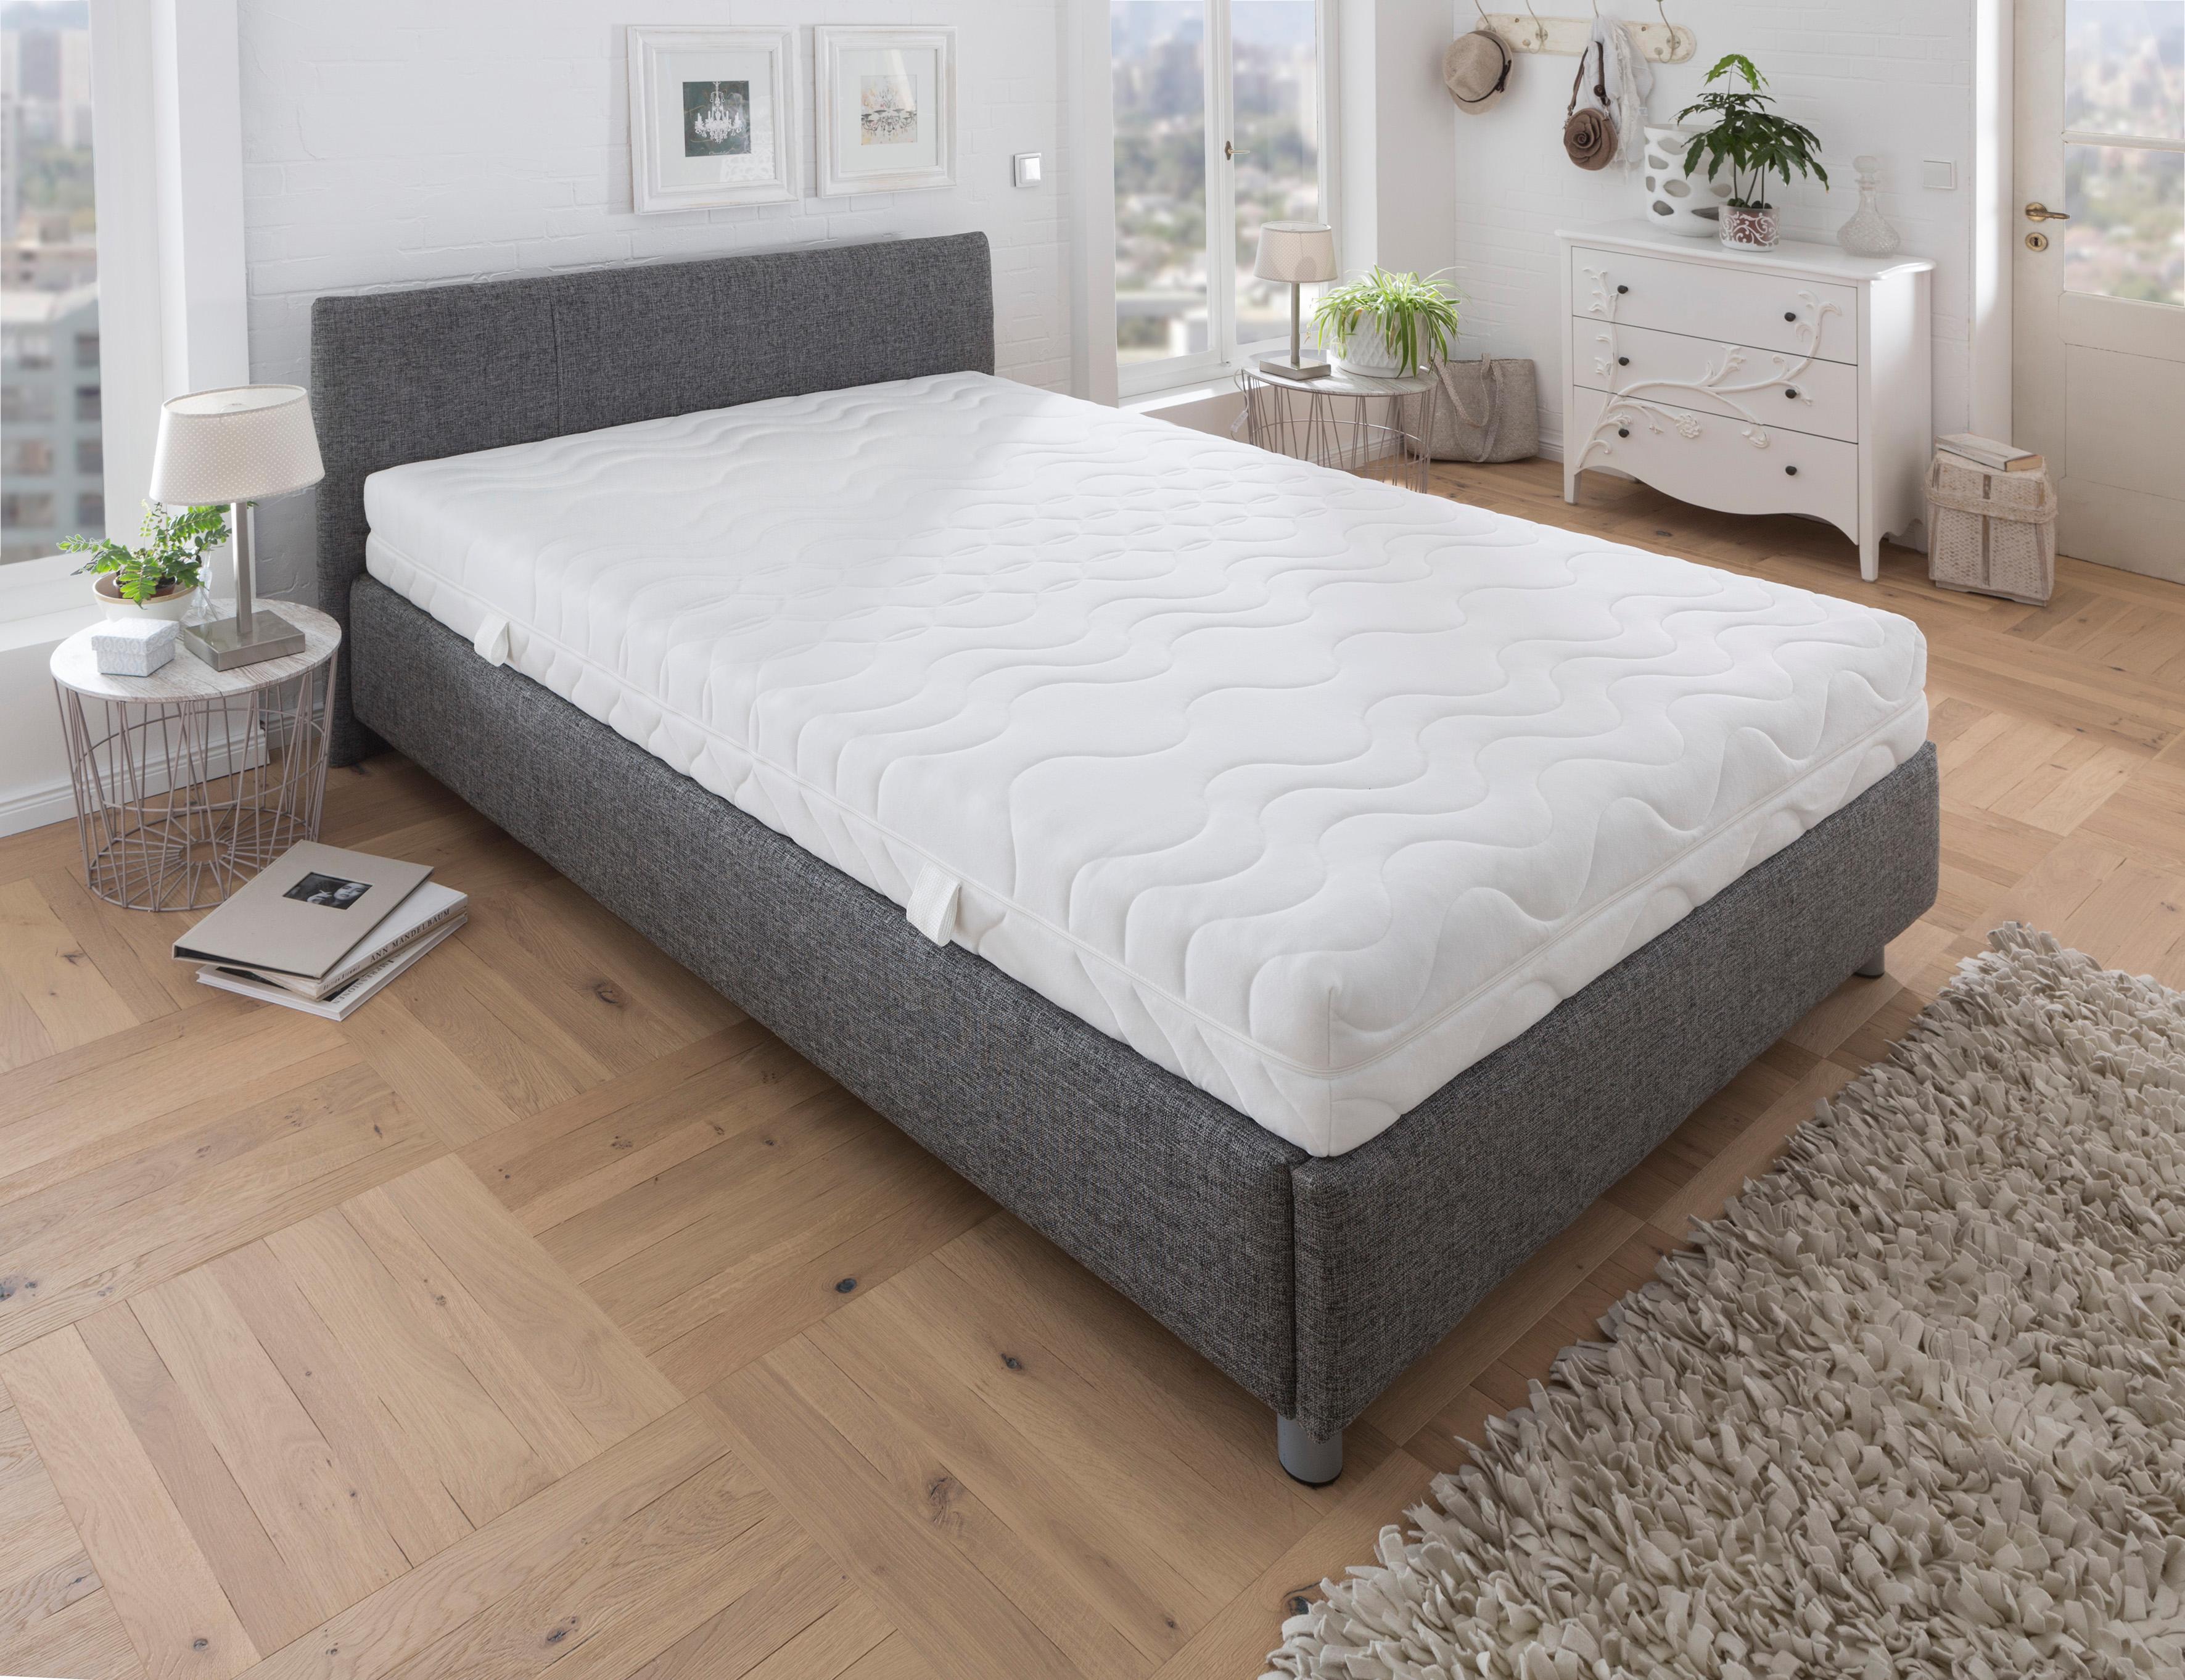 Komfortschaummatratze Vario Premium KS Beco 22 cm hoch